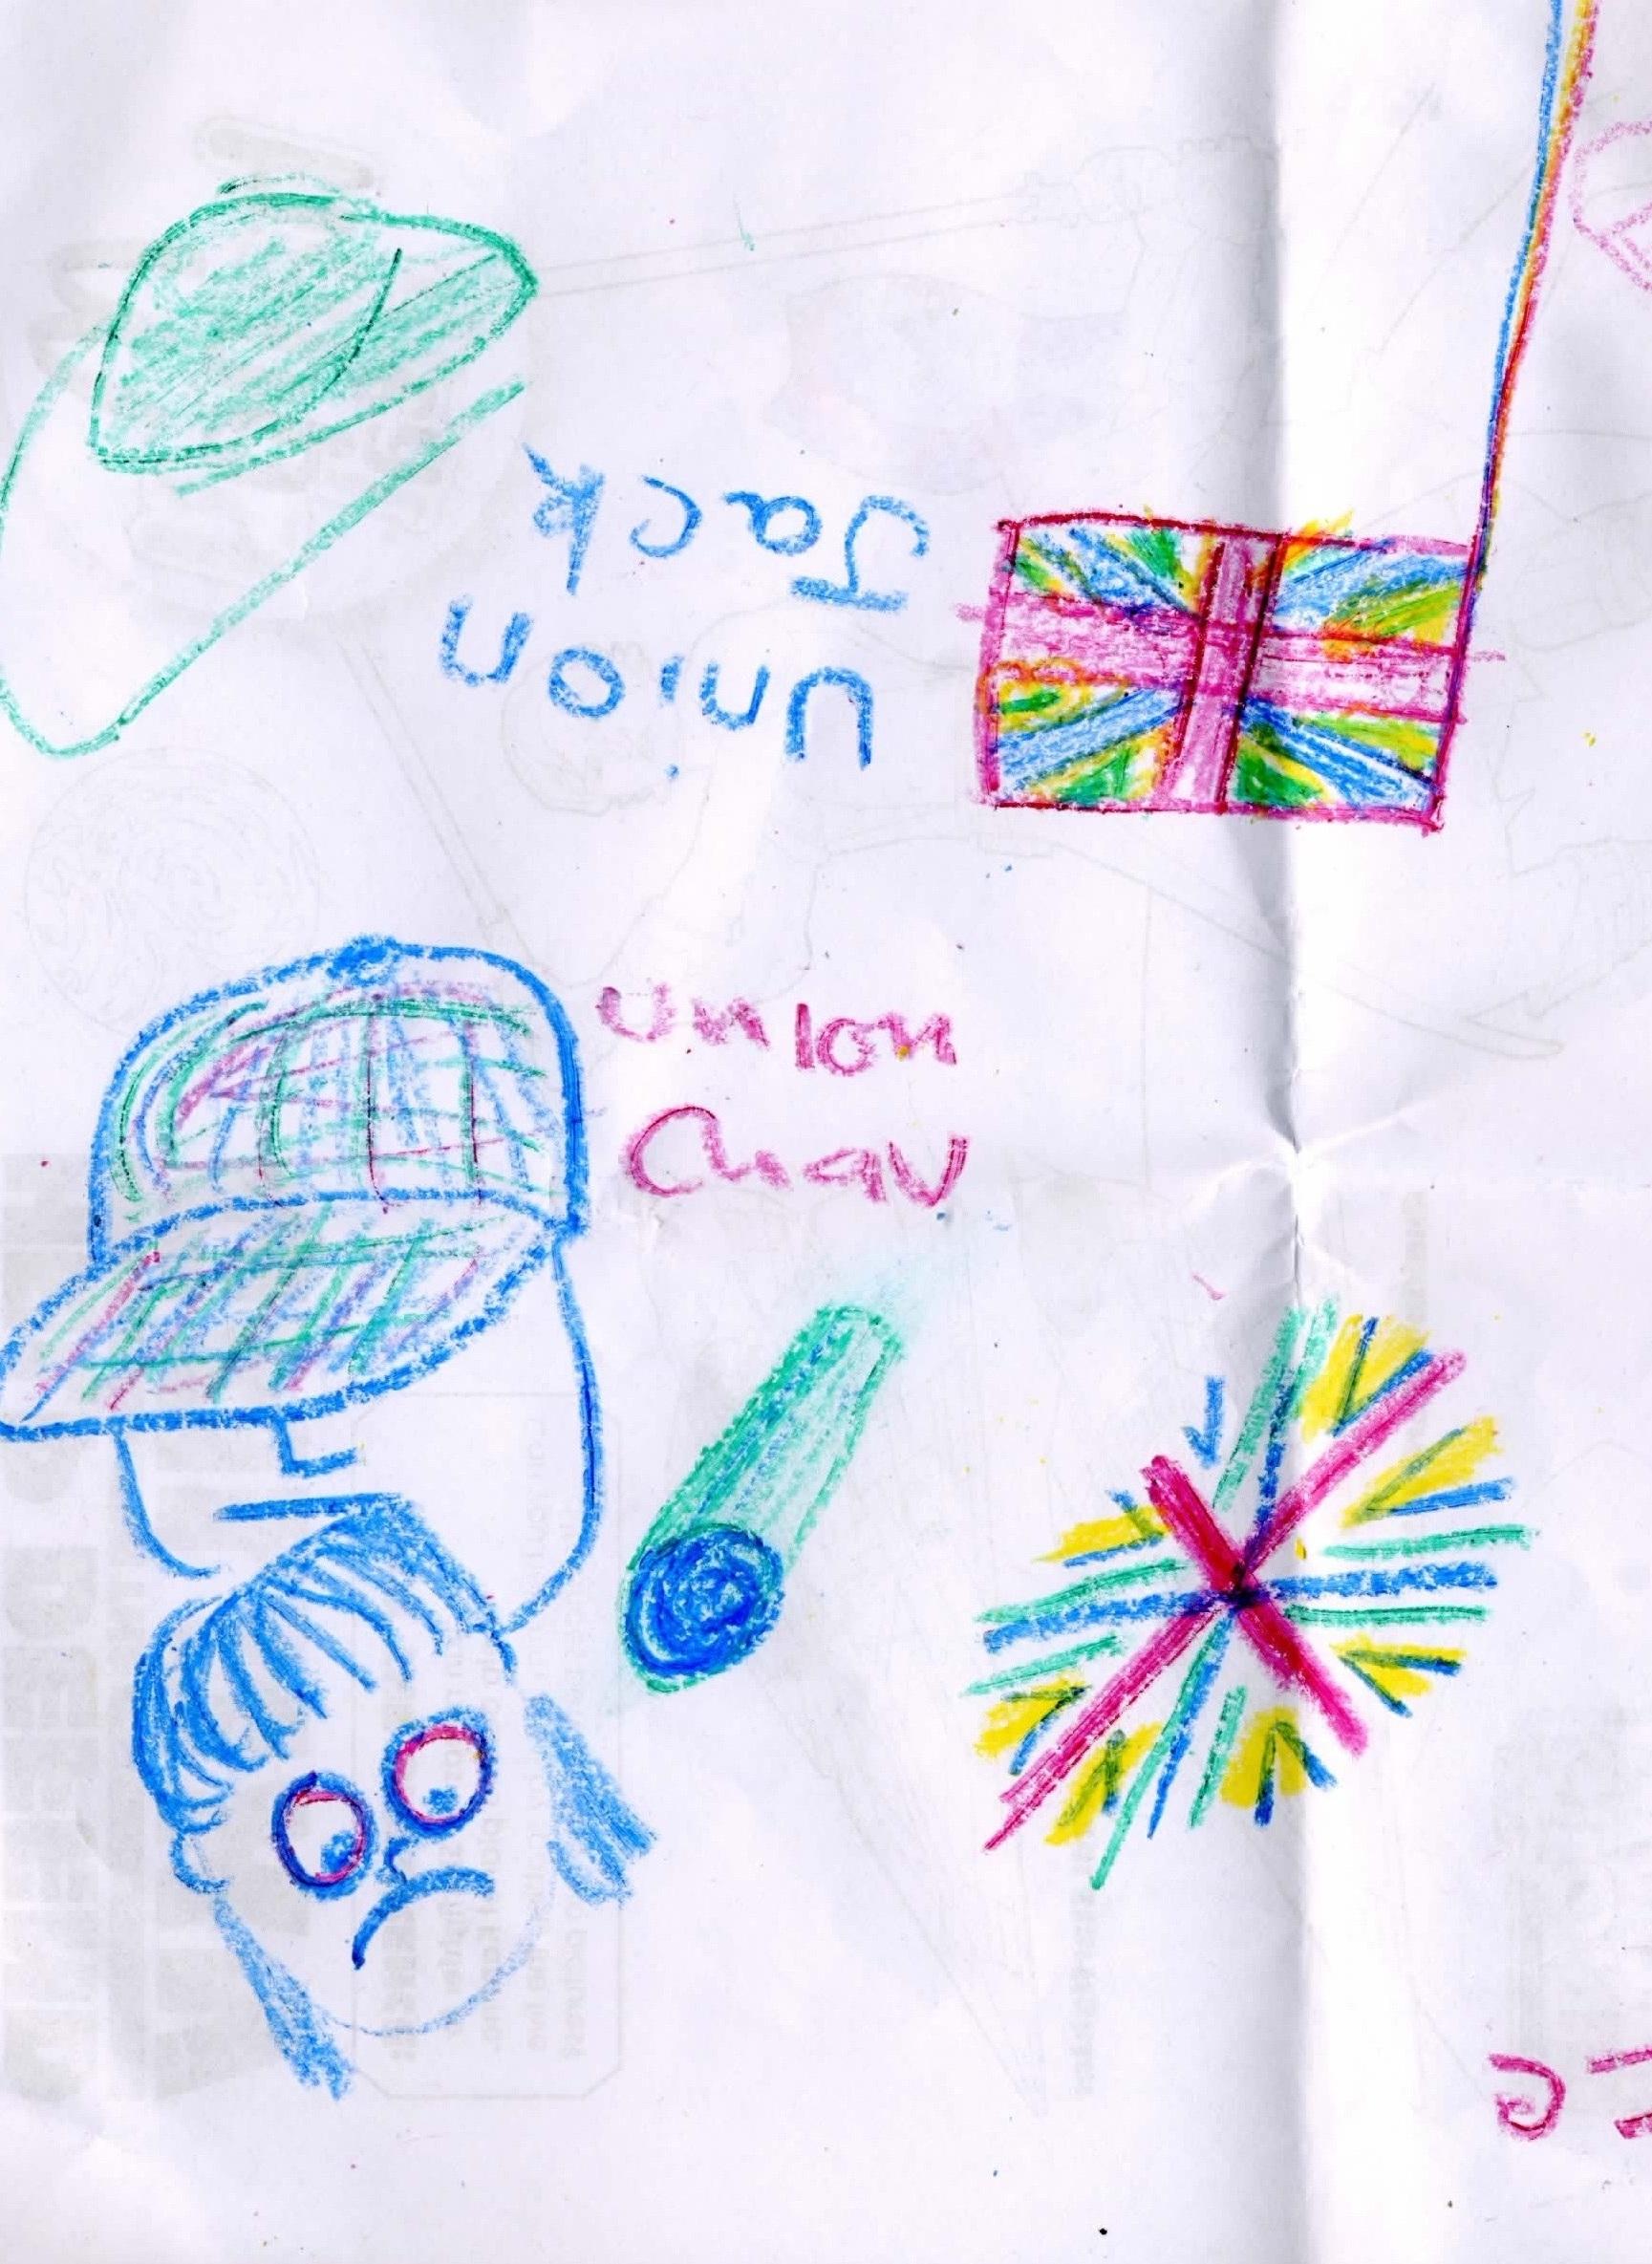 Union Chav